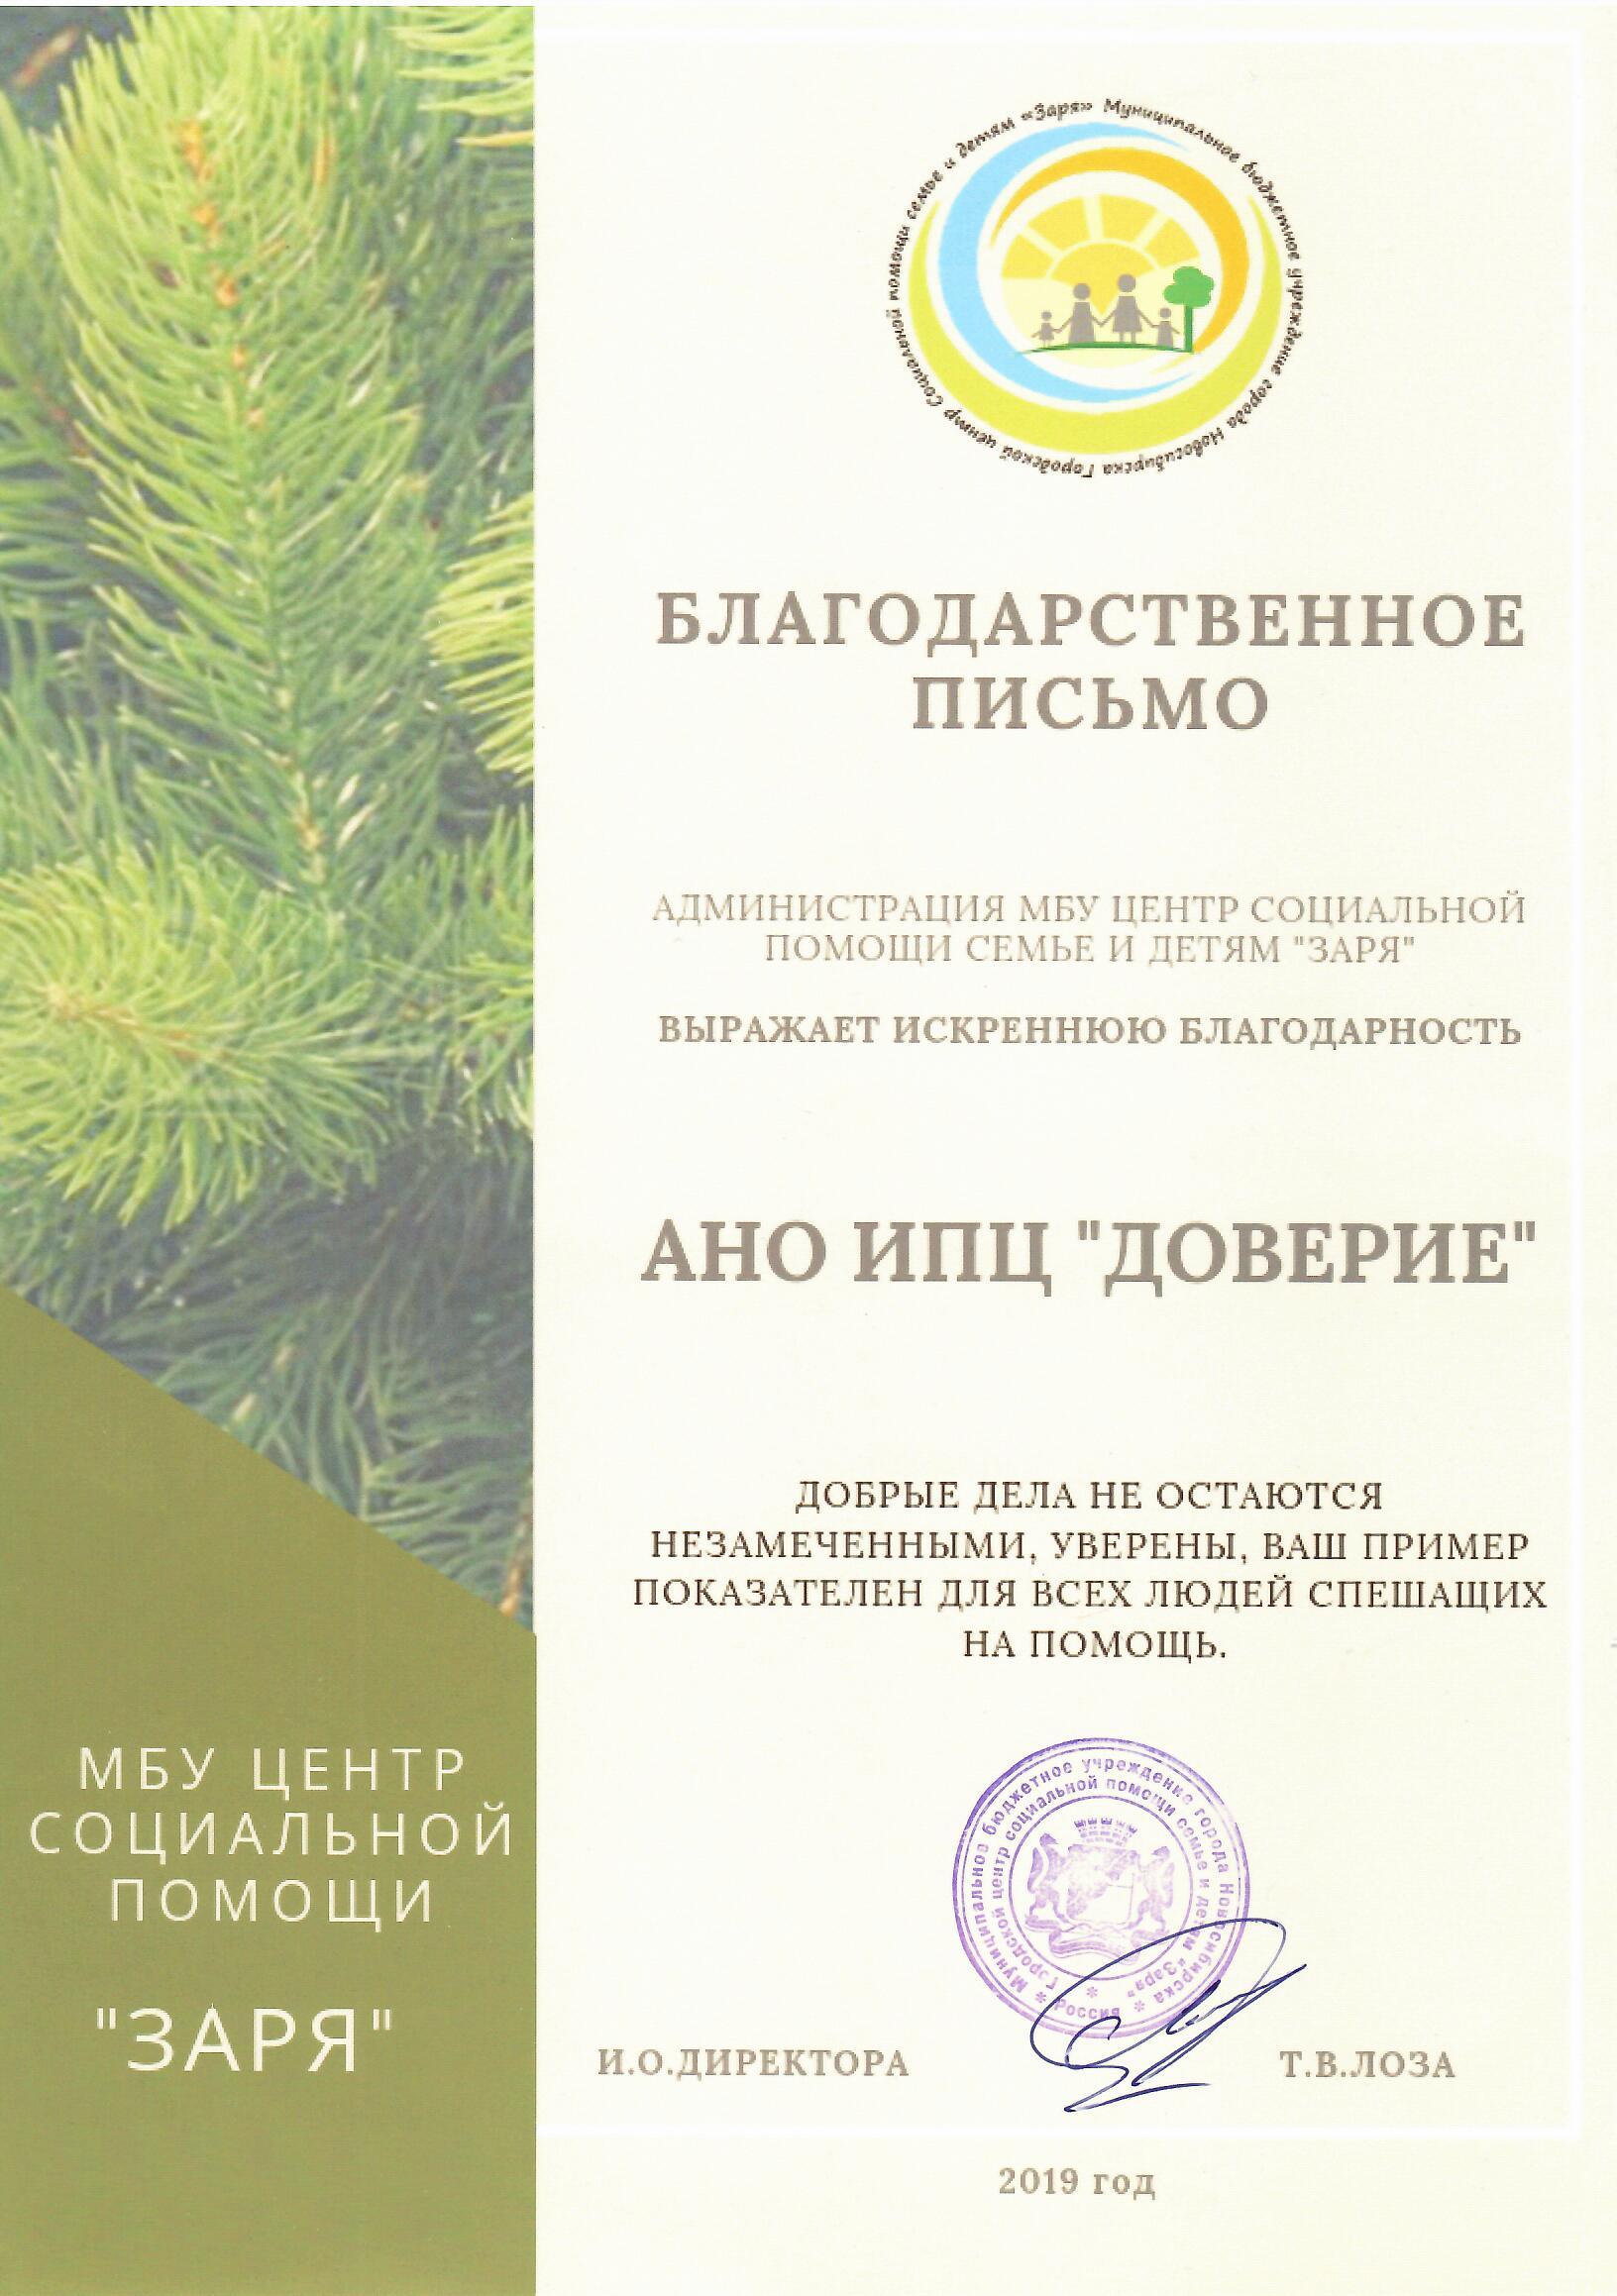 """МБУ Центр социальной помищи """"Заря"""""""